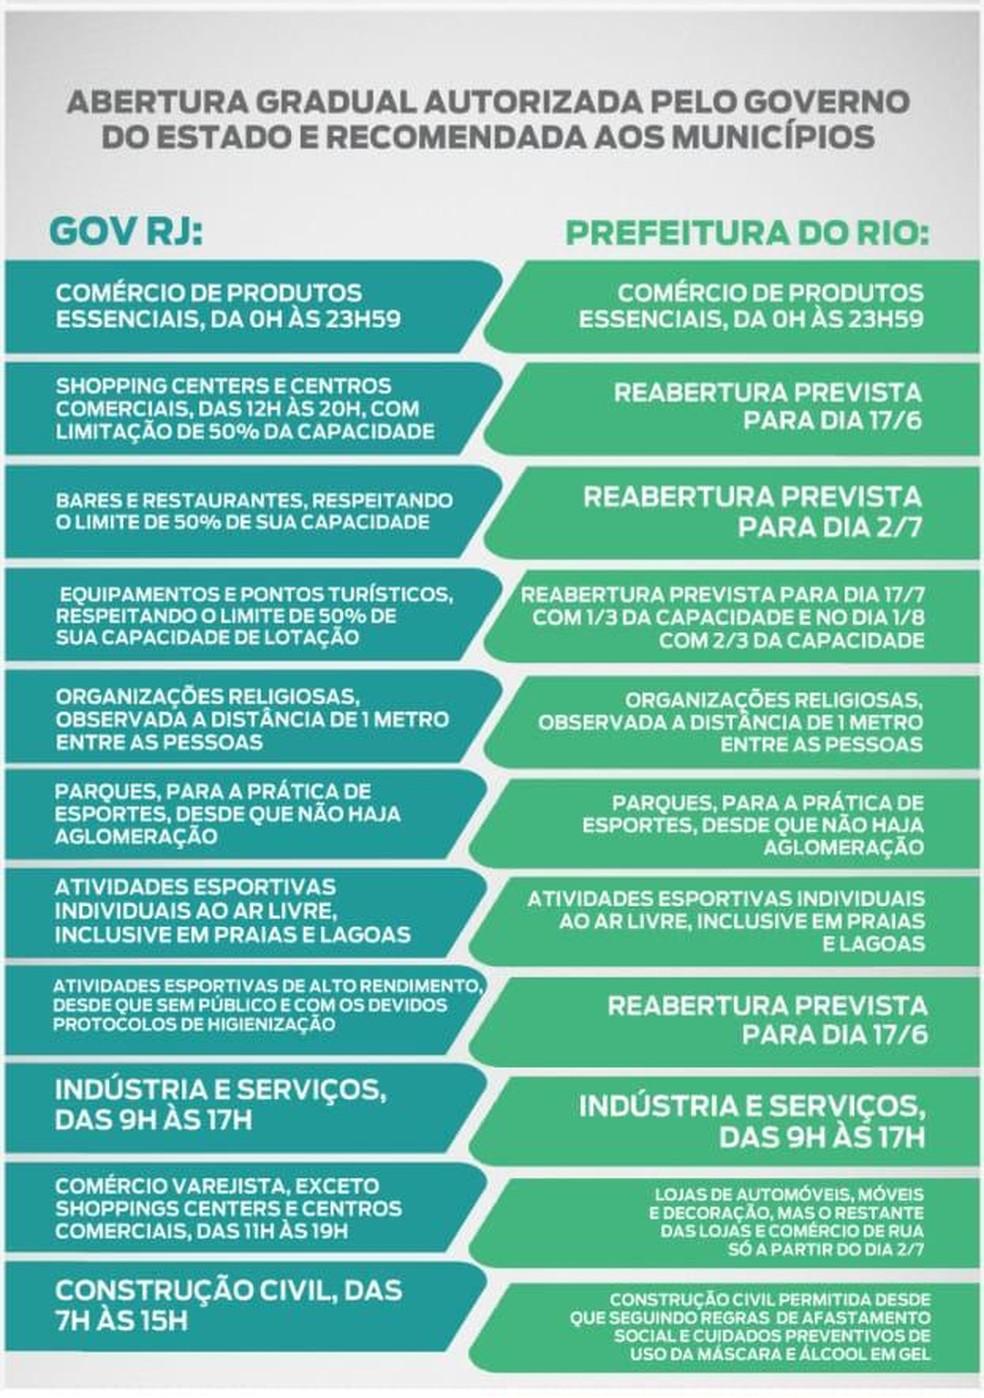 Gráfico mostra diferenças nos esquemas de reaberturas da Prefeitura do Rio e do estado — Foto: Divulgação